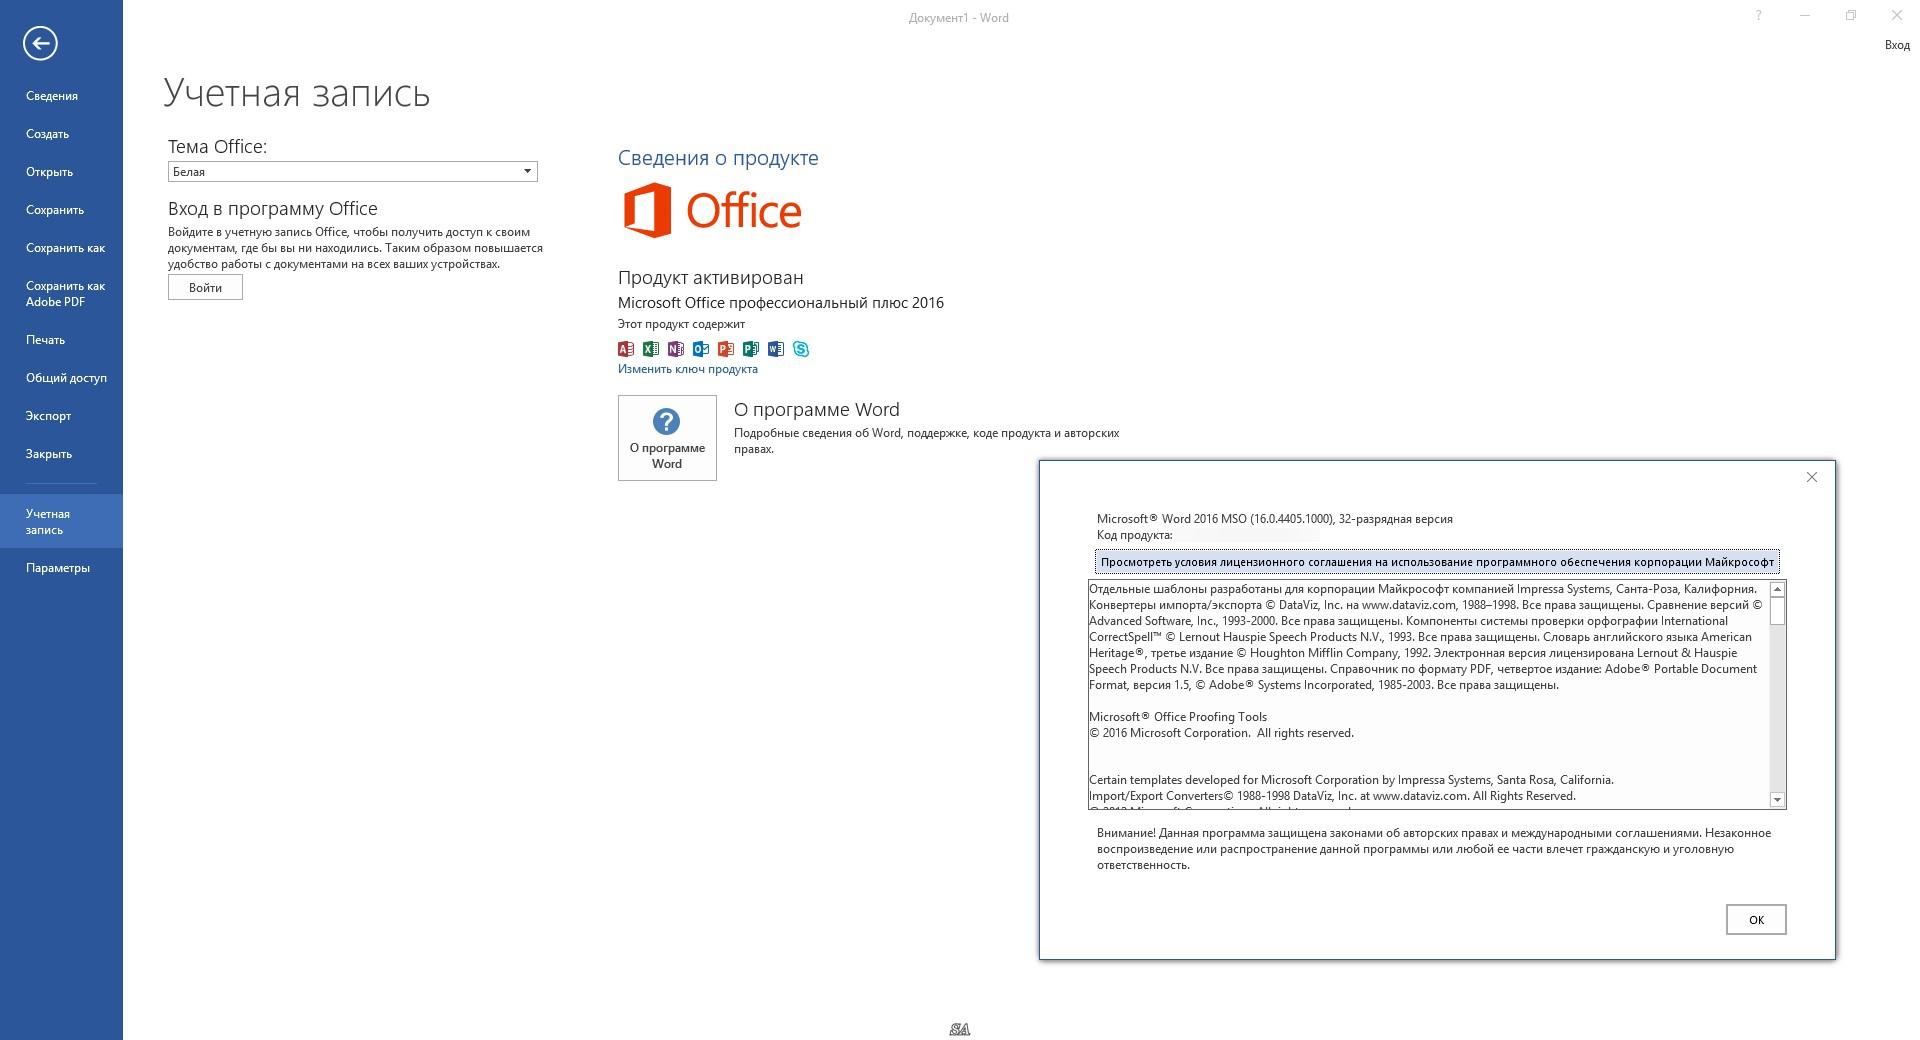 Как связать учетную запись с продуктом office